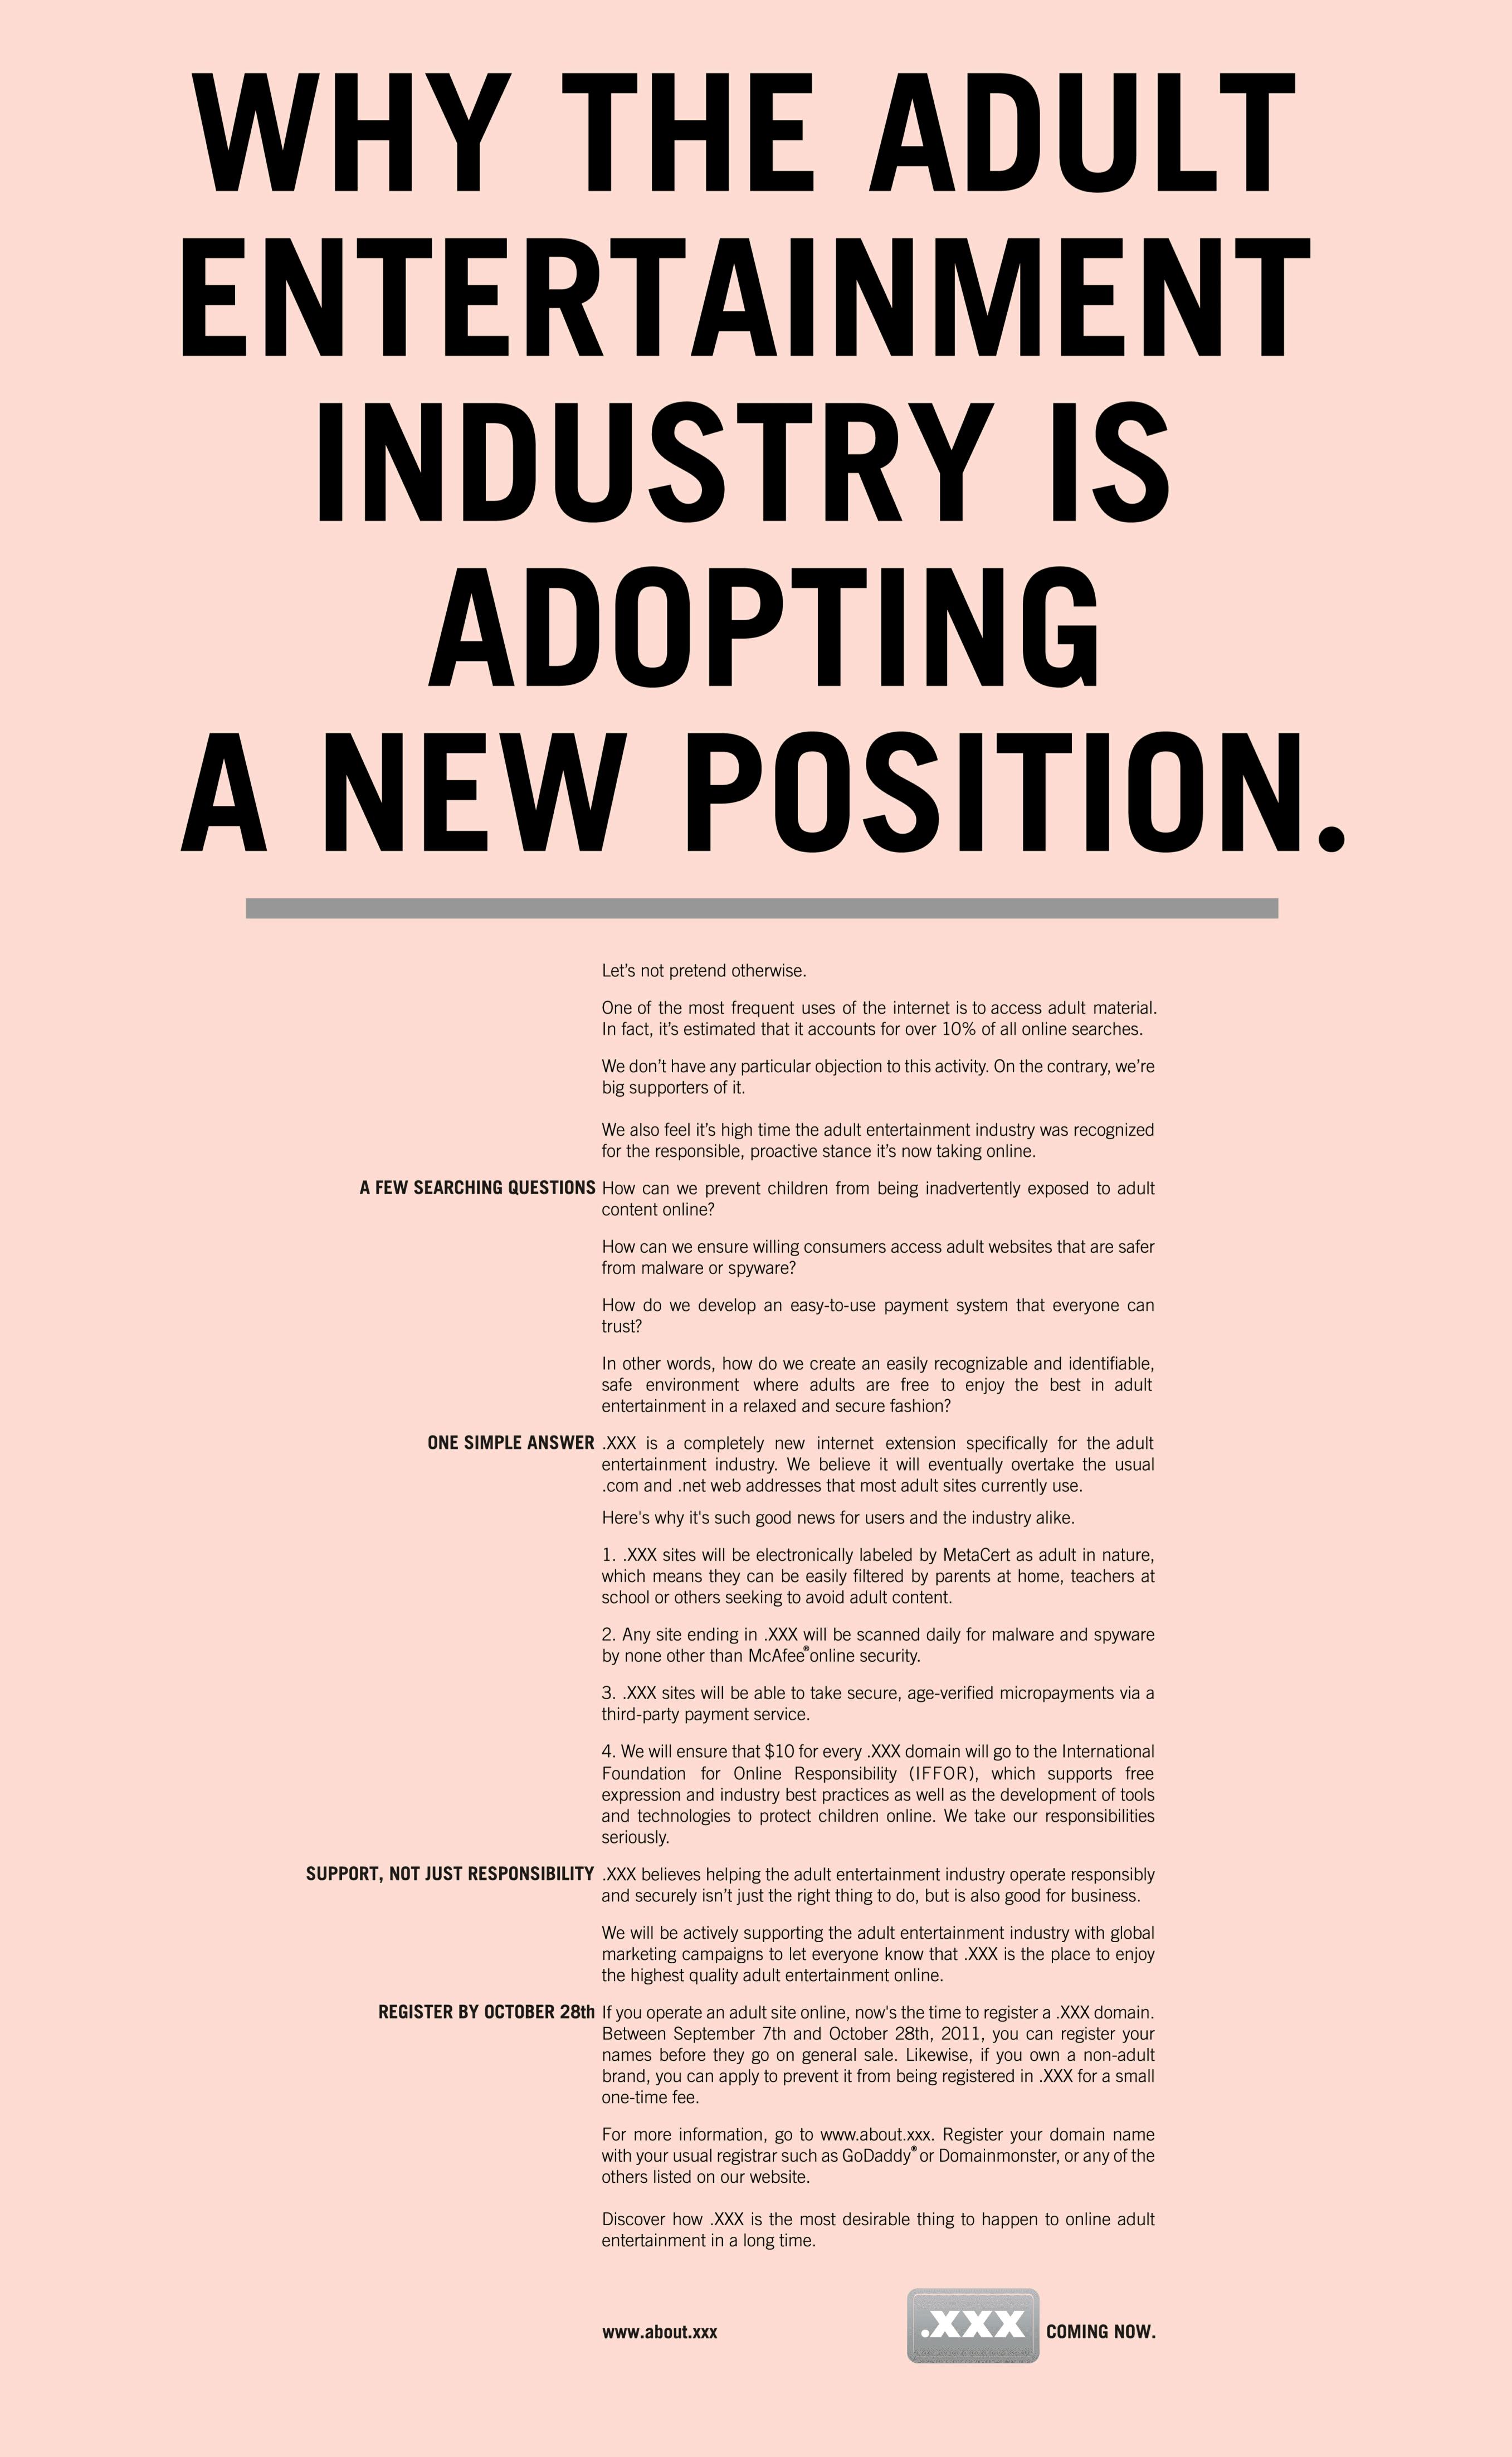 XXX.com - Adopting a New Position